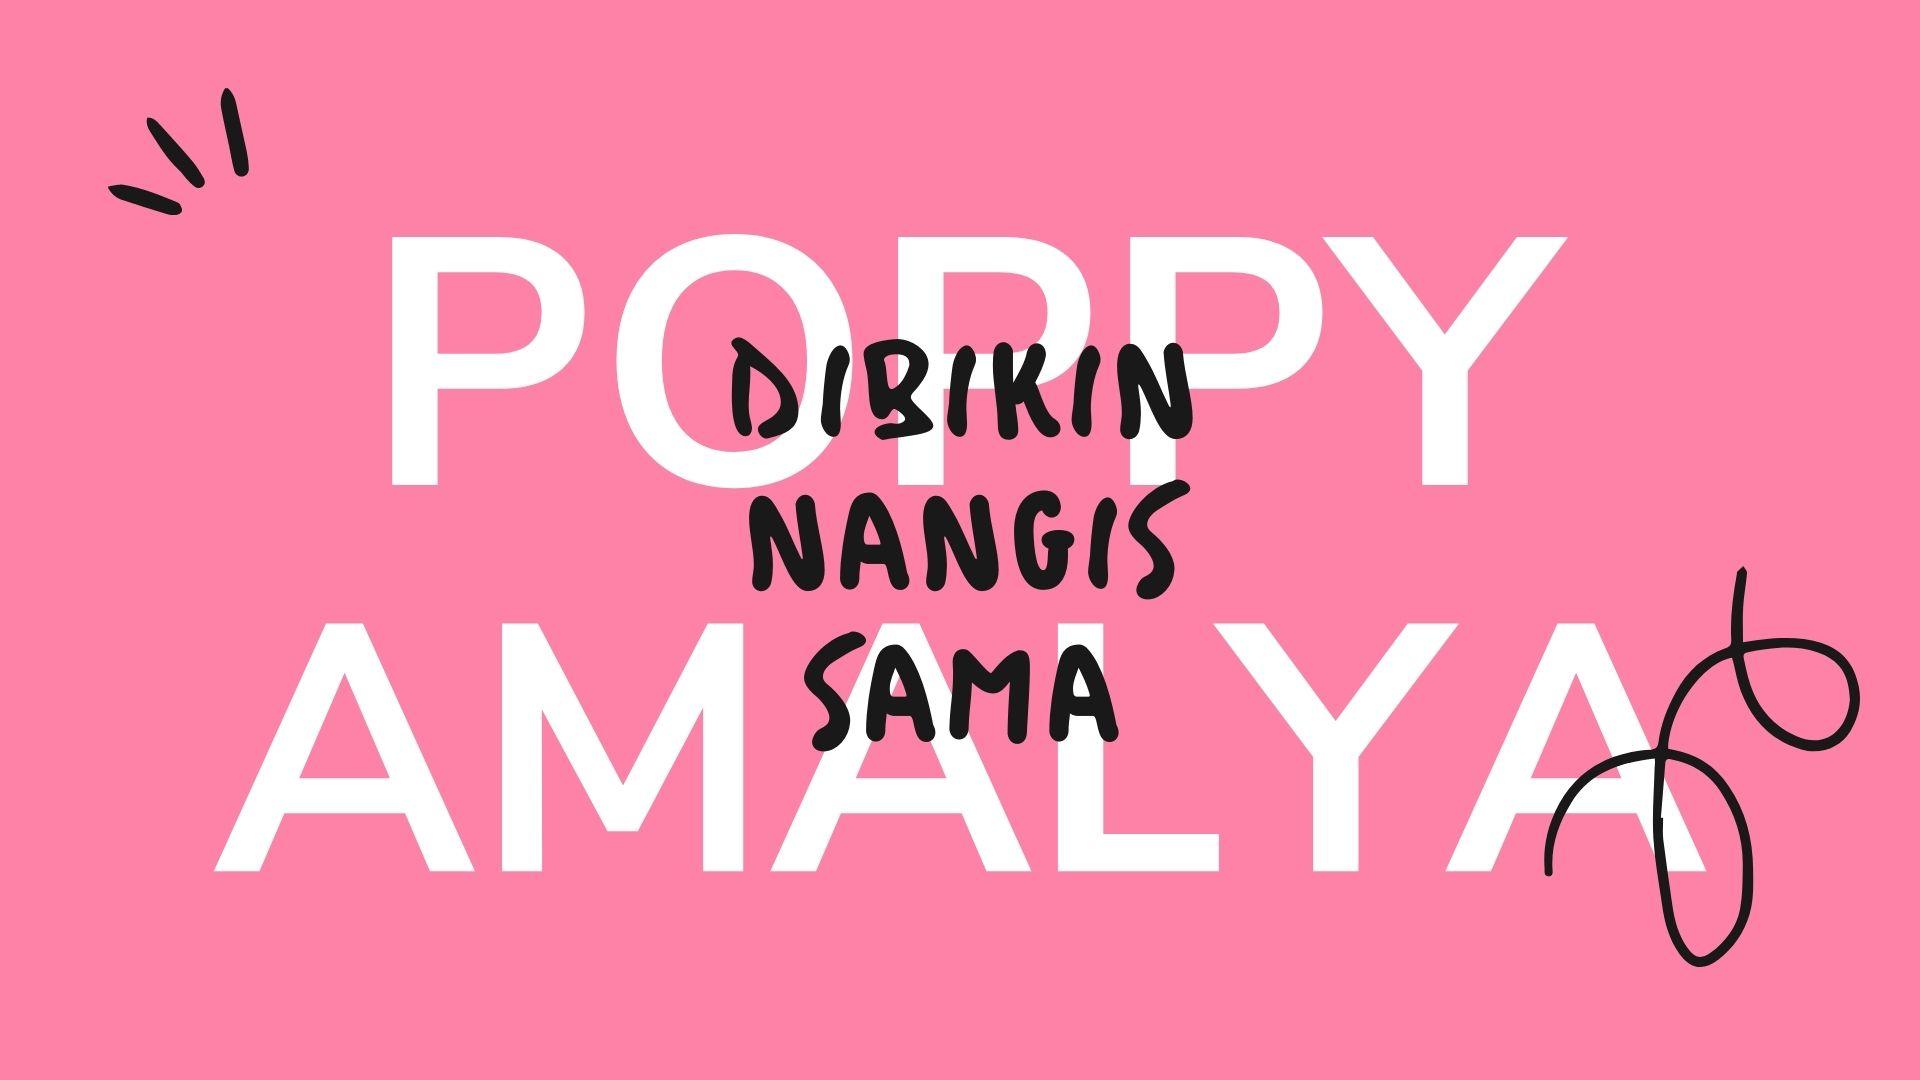 dibikin-nangis-sama-poppy-amalya